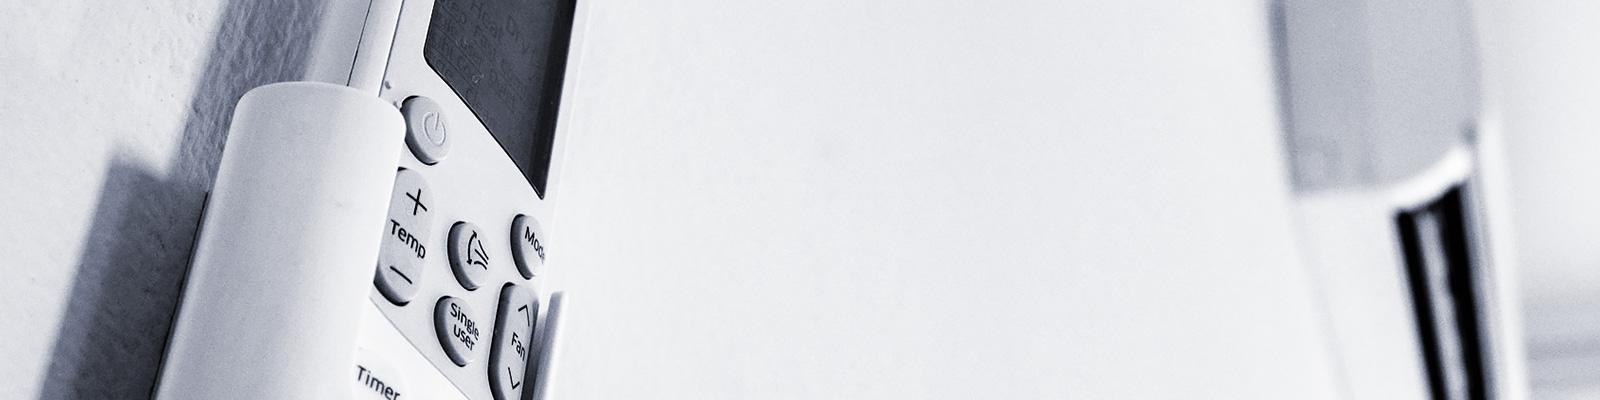 エアコン 温度 コントロール イメージ